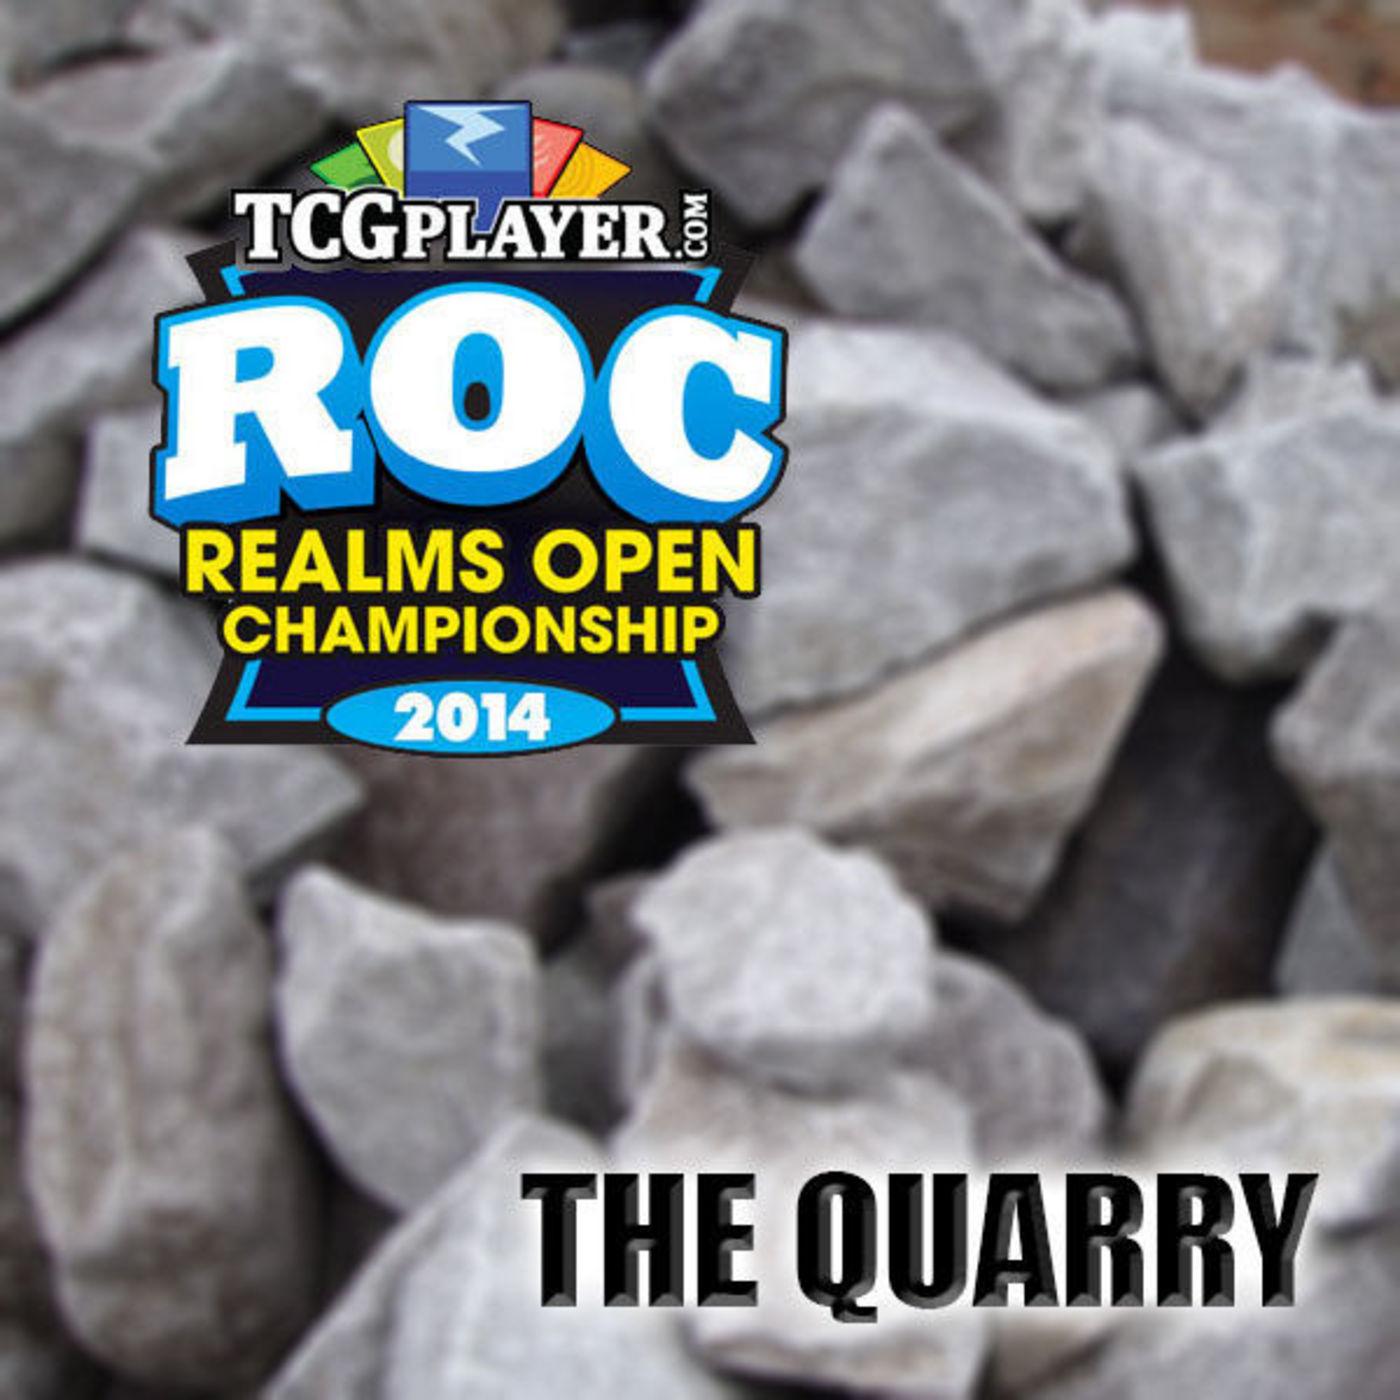 <![CDATA[The Quarry]]>